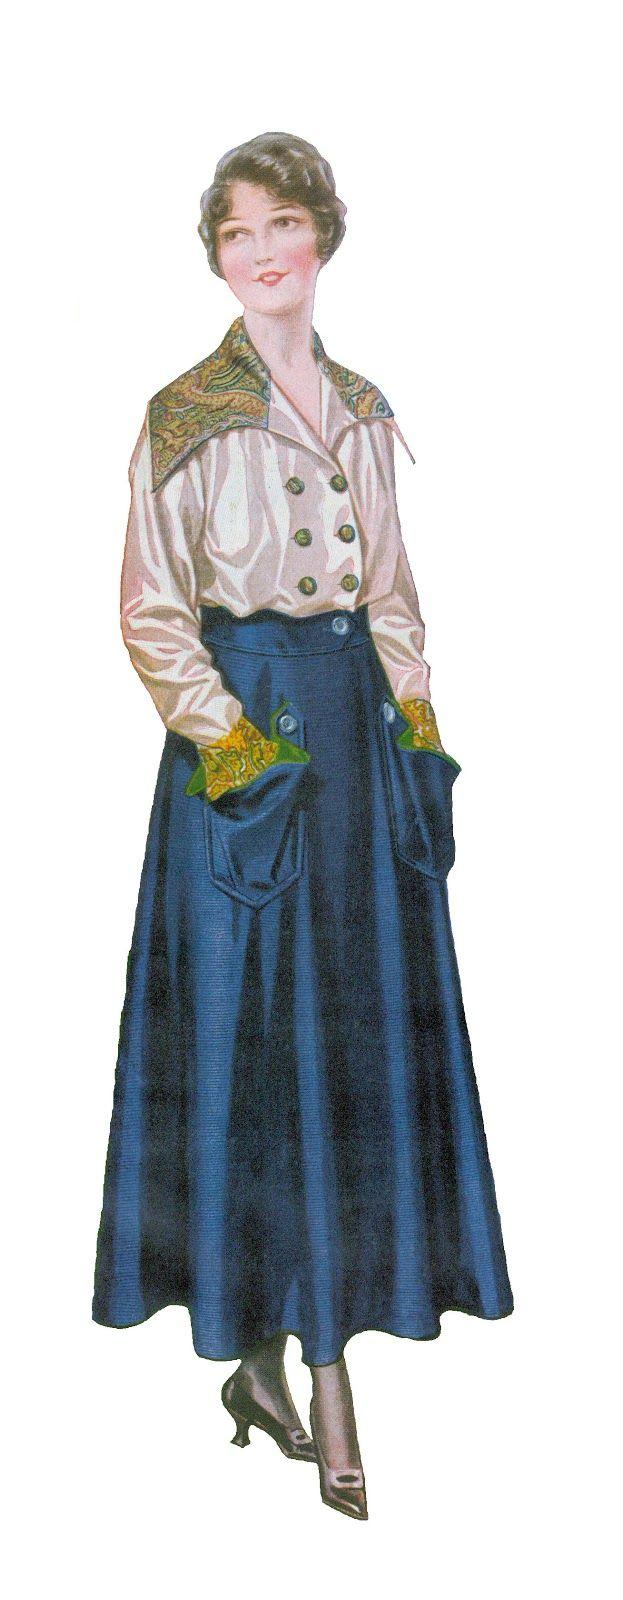 Les 62 meilleures images du tableau Mode hiver 1915 sur ...